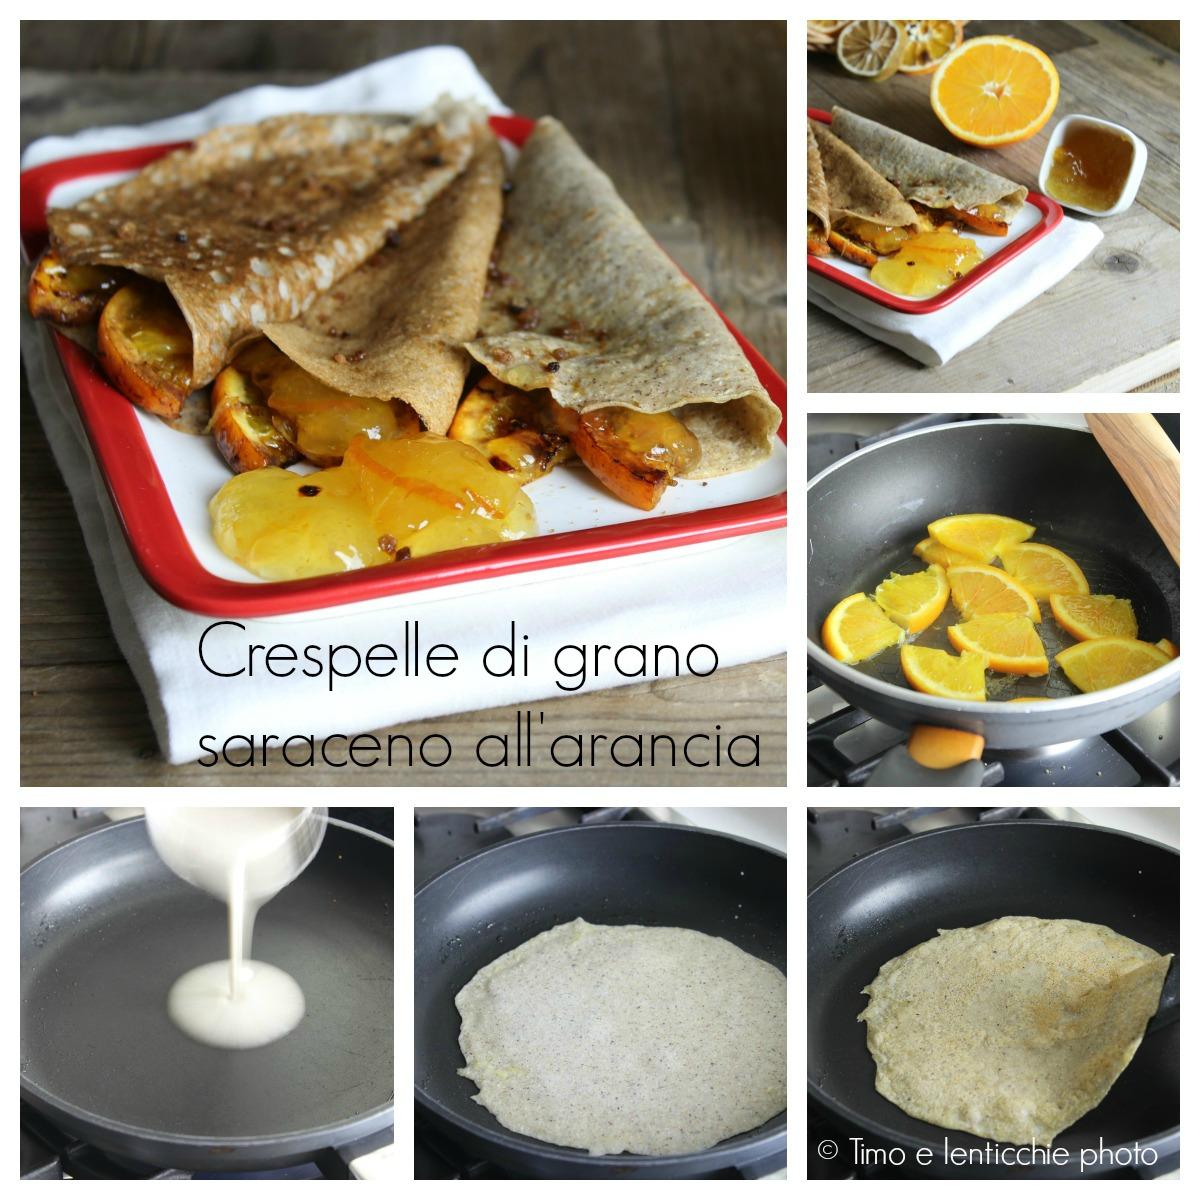 crespelle di grano saraceno all'arancia 3